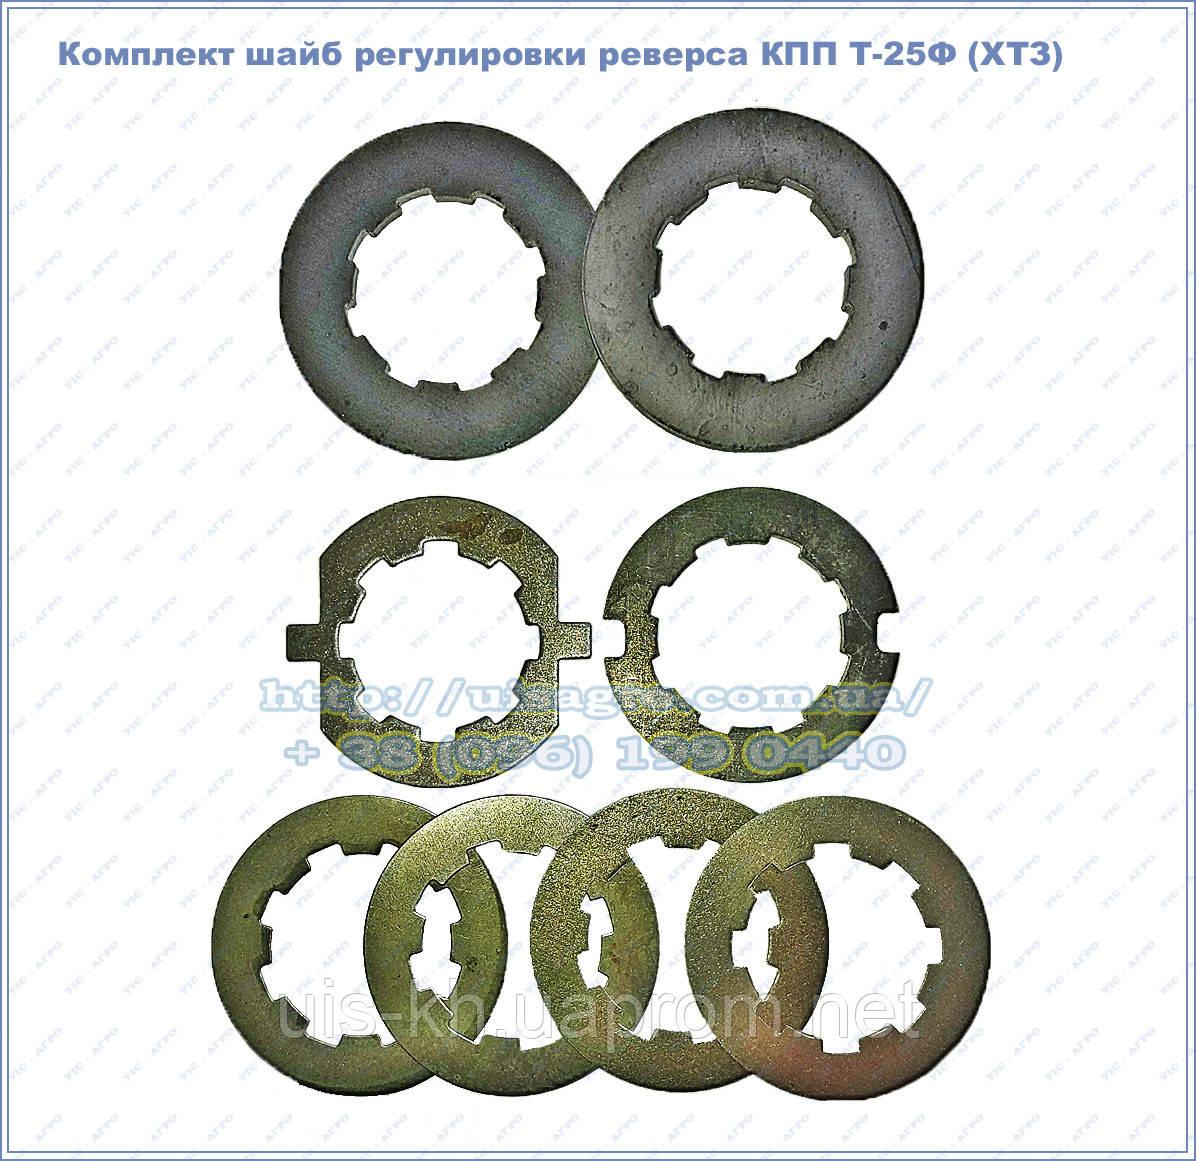 Комплект шайб регулировки реверса КПП Т-25Ф (ХТЗ) 42 мм 8 шлицов